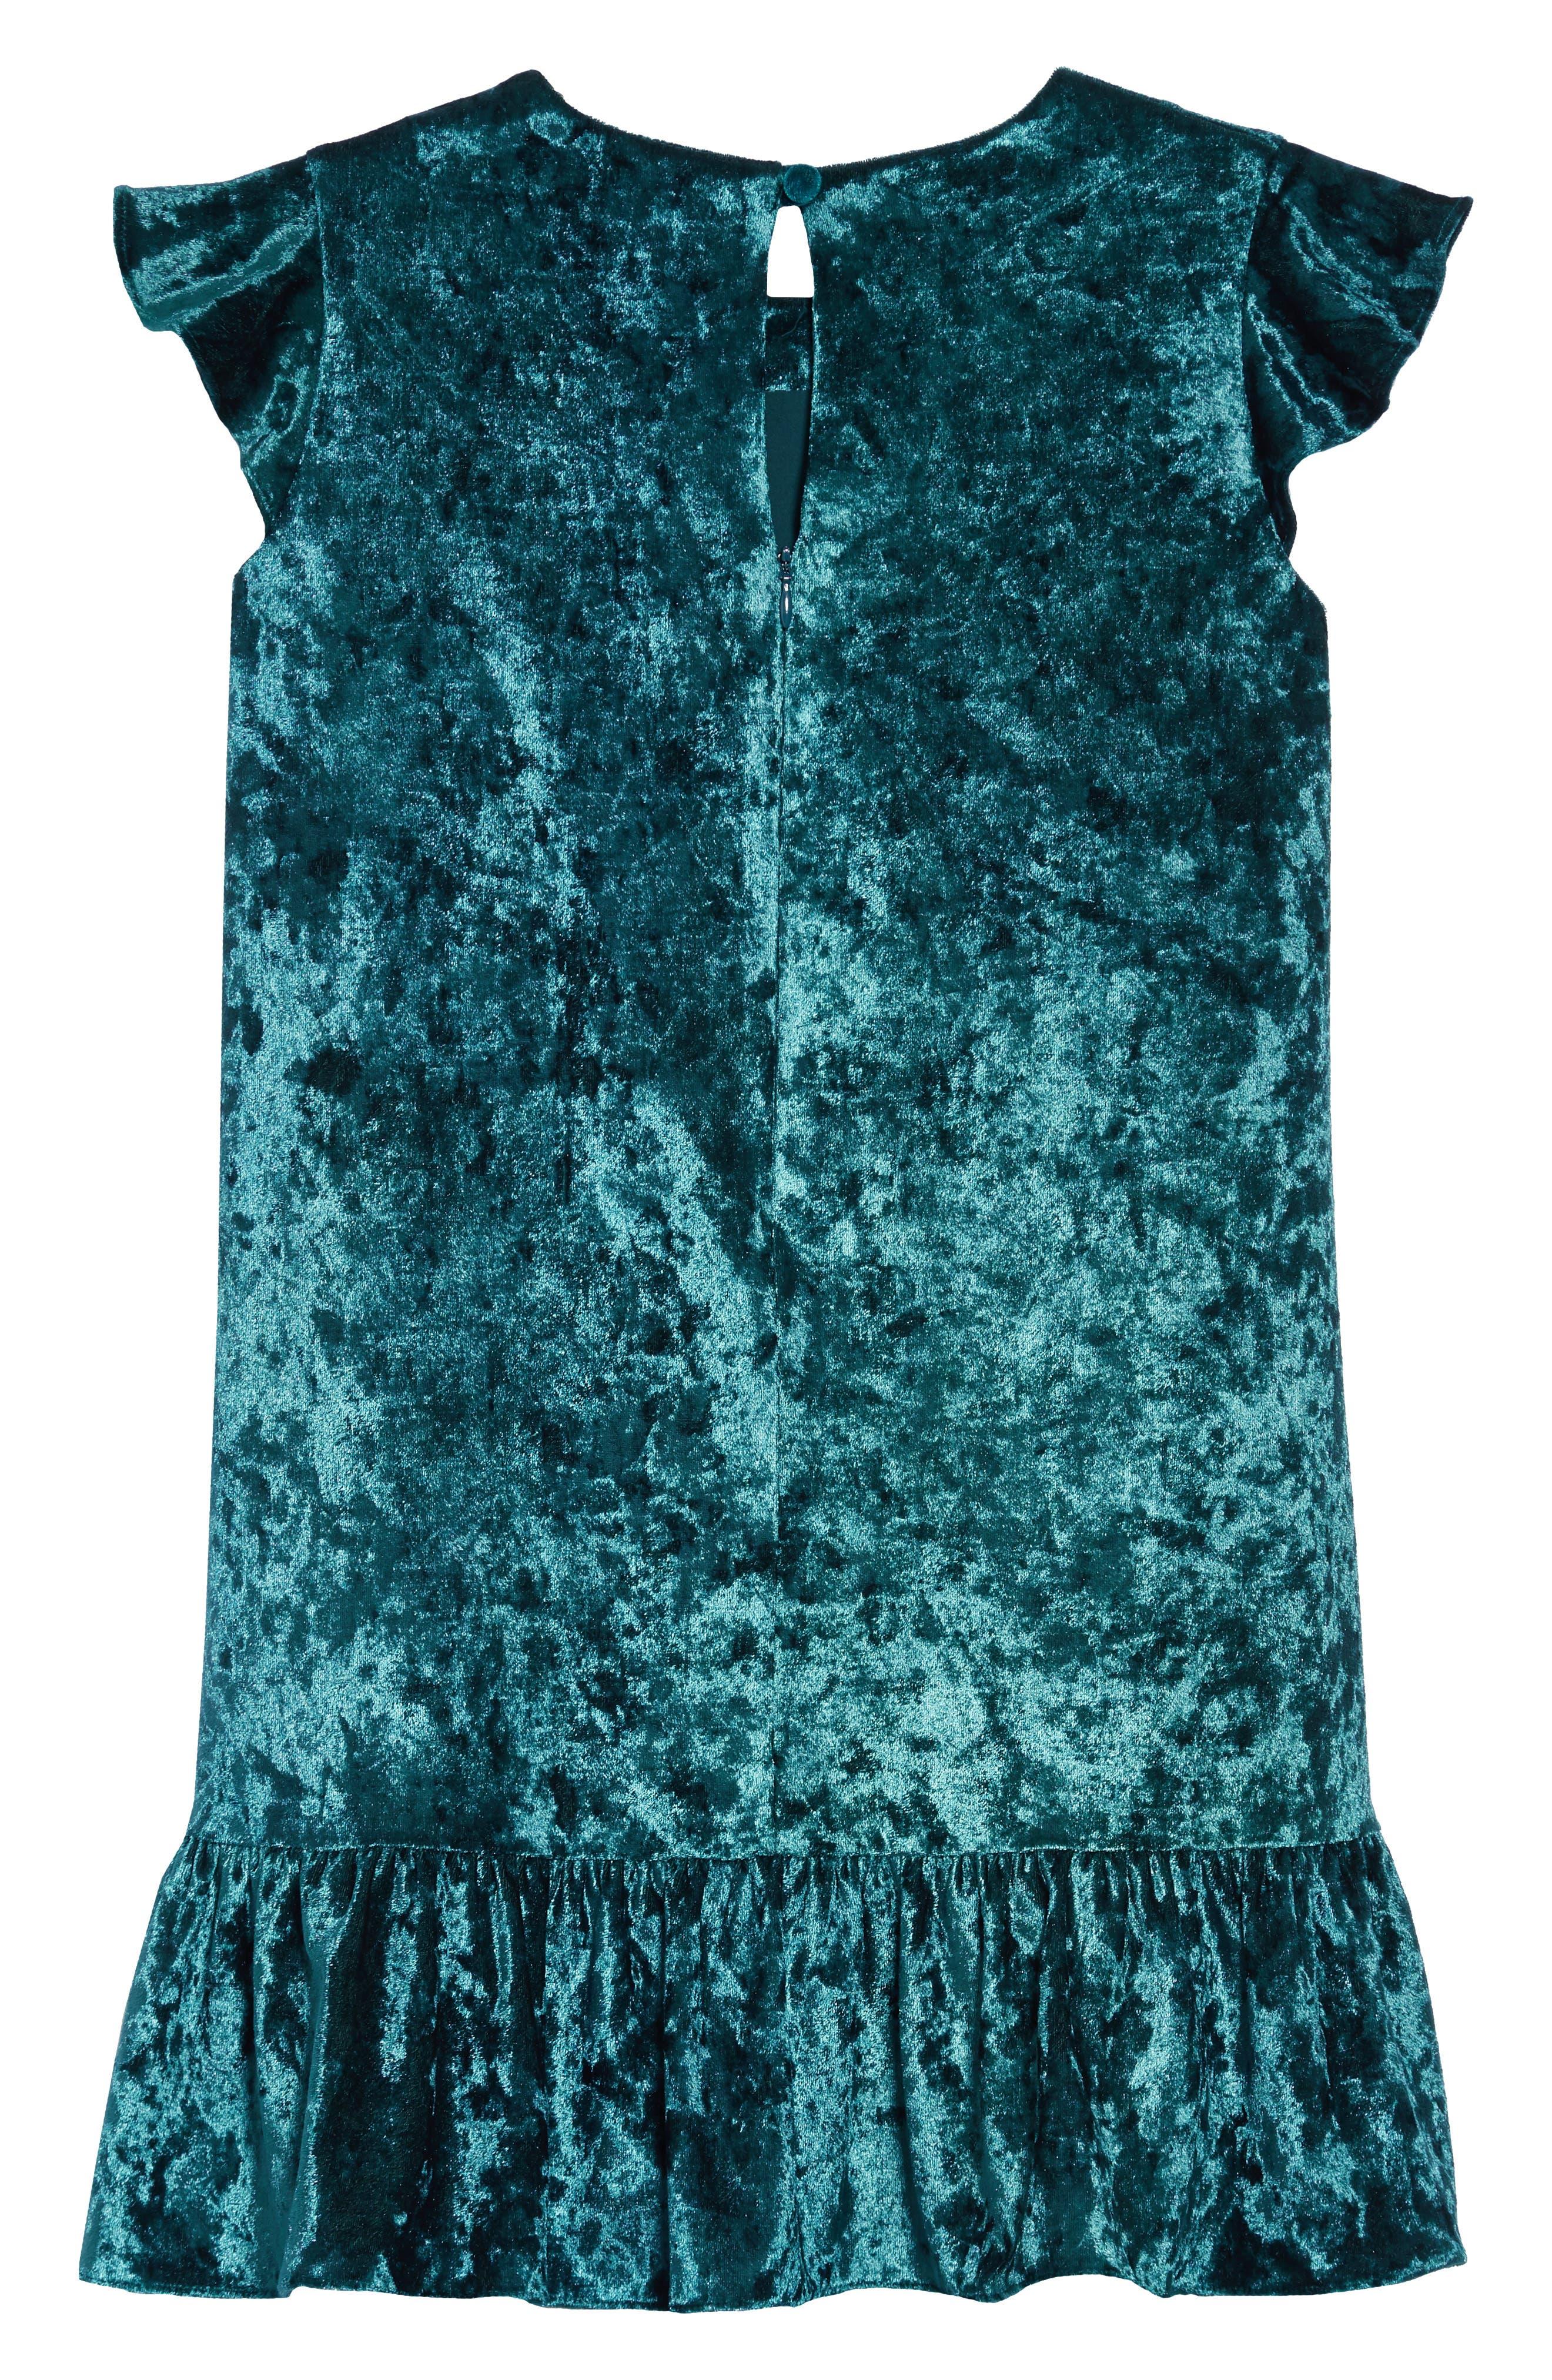 Shay Crushed Velvet Dress,                             Alternate thumbnail 2, color,                             TEAL